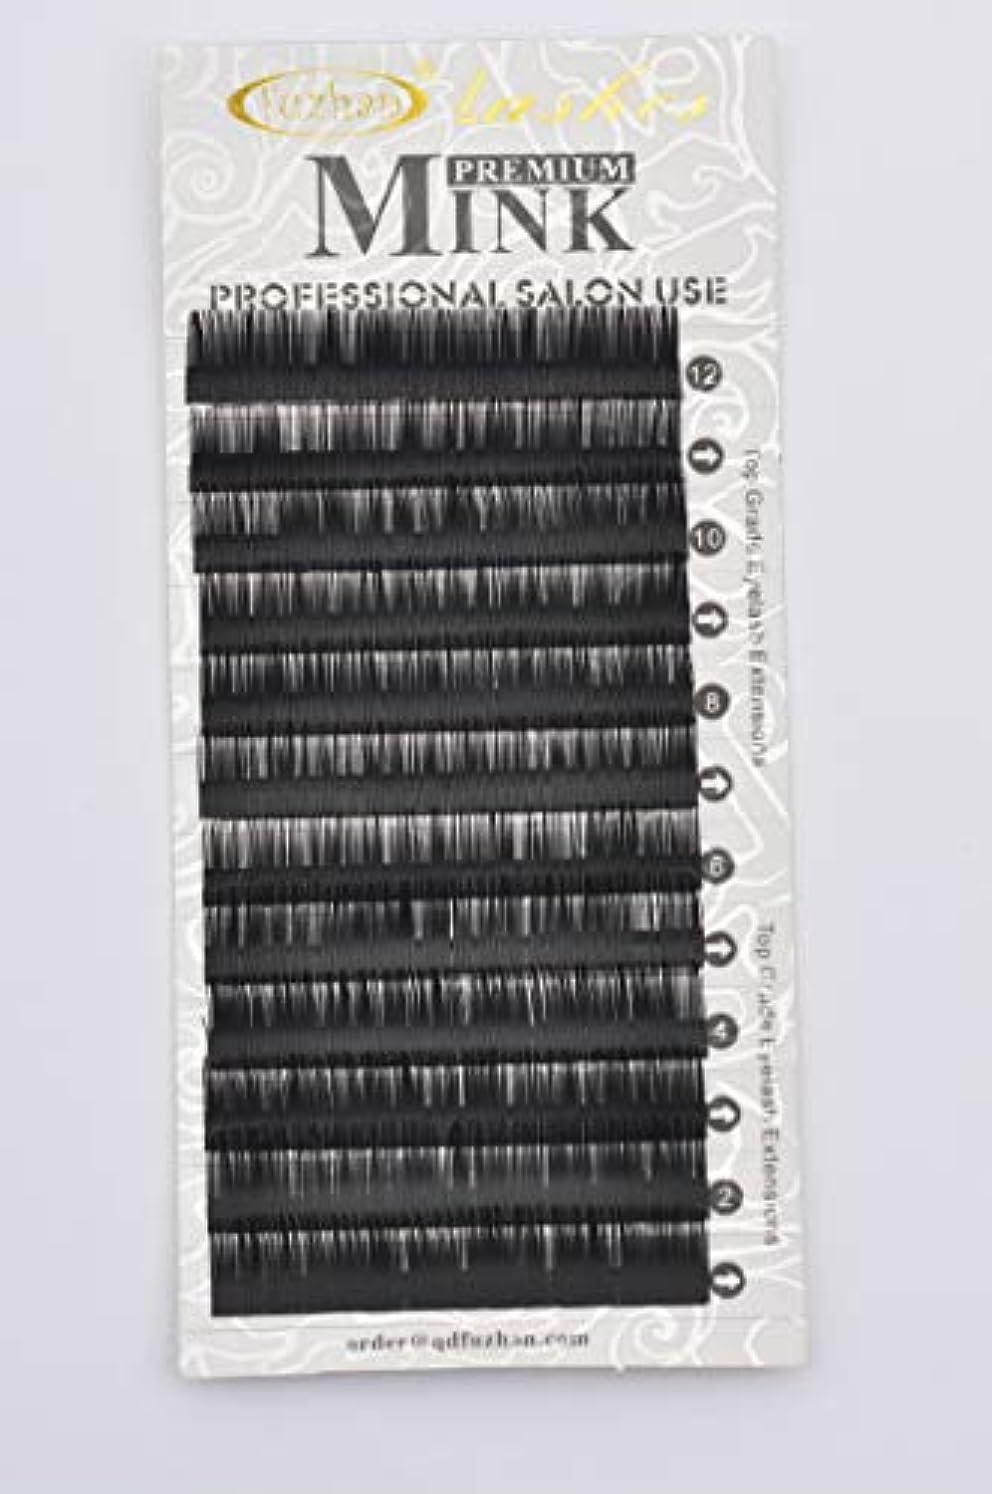 その他慎重過去まつげエクステ 太さ0.15mm(カール長さ指定) 高級ミンクまつげ 12列シートタイプ ケース入り (0.15 12mm D)